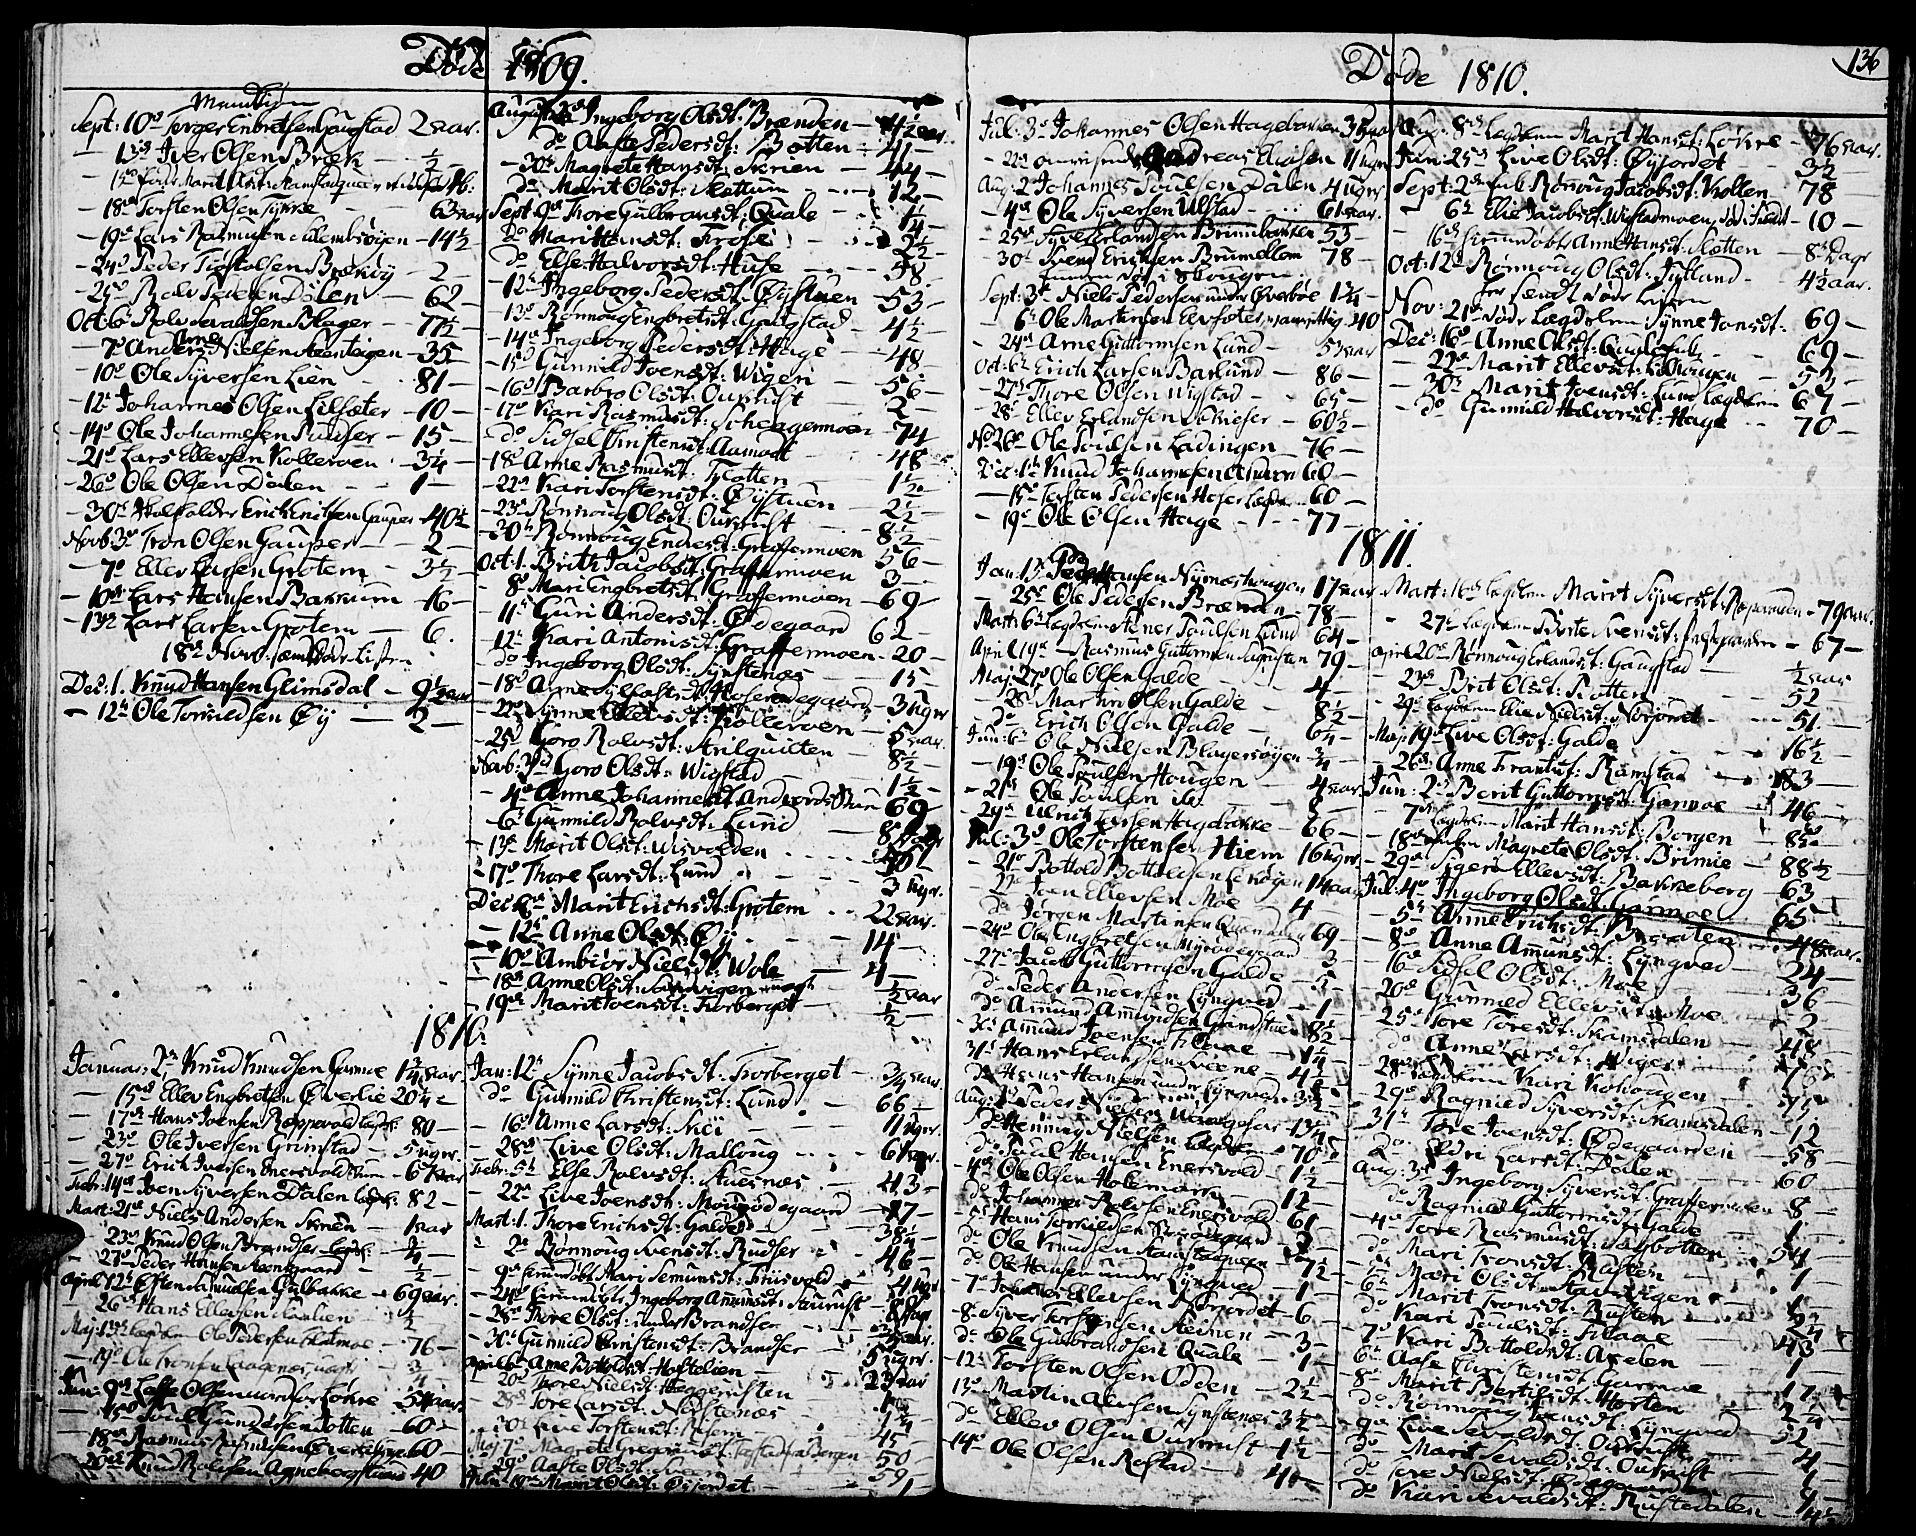 SAH, Lom prestekontor, K/L0003: Ministerialbok nr. 3, 1801-1825, s. 136